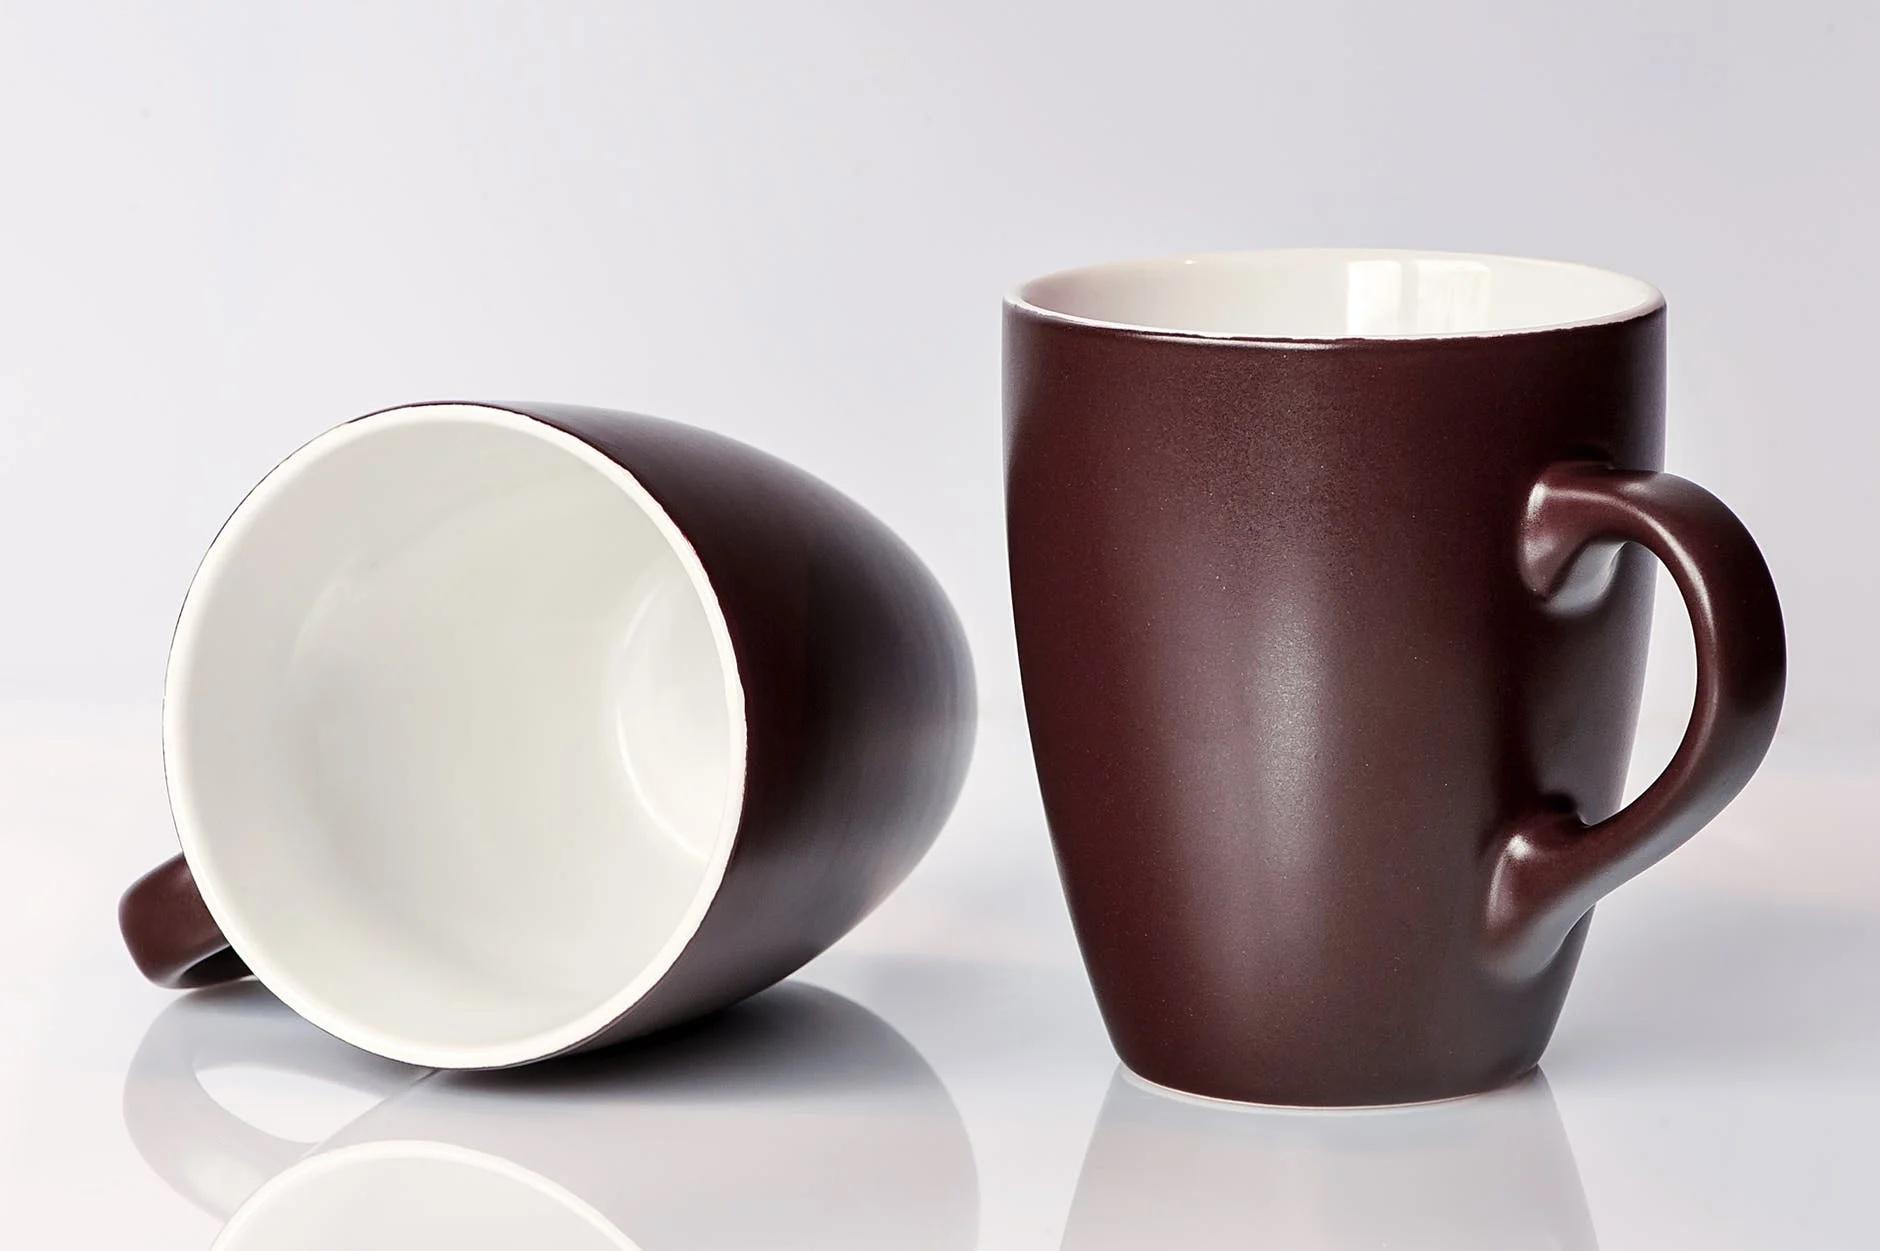 Jika Ingin Beli Mug, Tips Ini Mungkin Anda Butuhkan